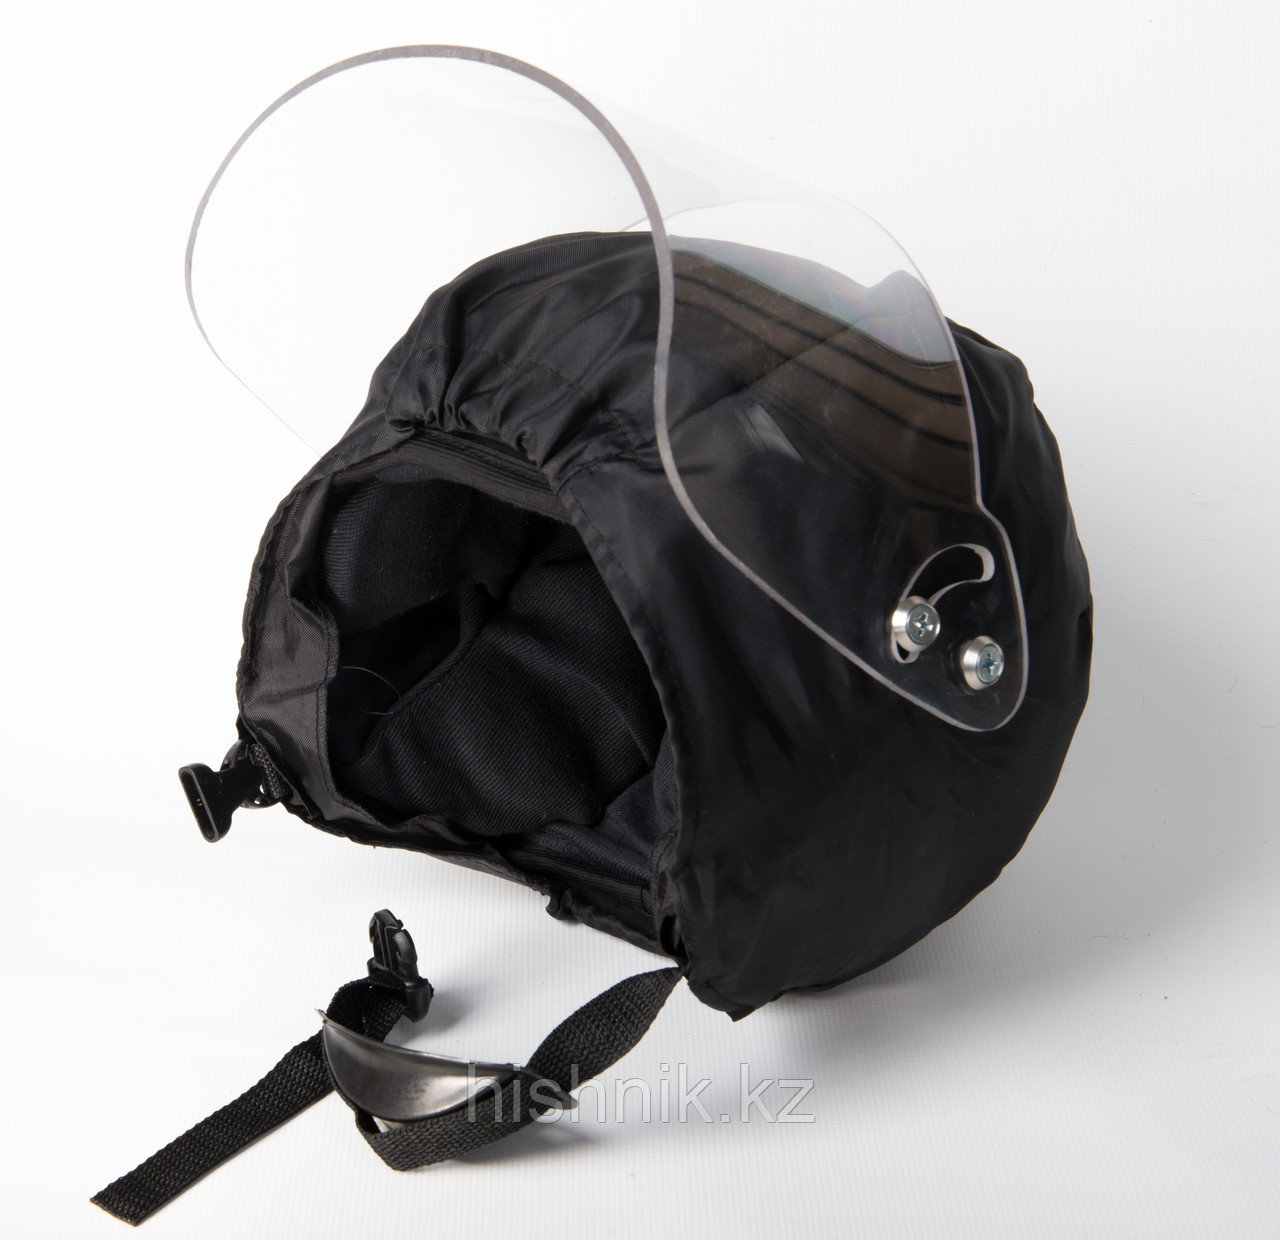 """Шлем защитный """"Альфа-2"""" с противоосколочным забралом"""